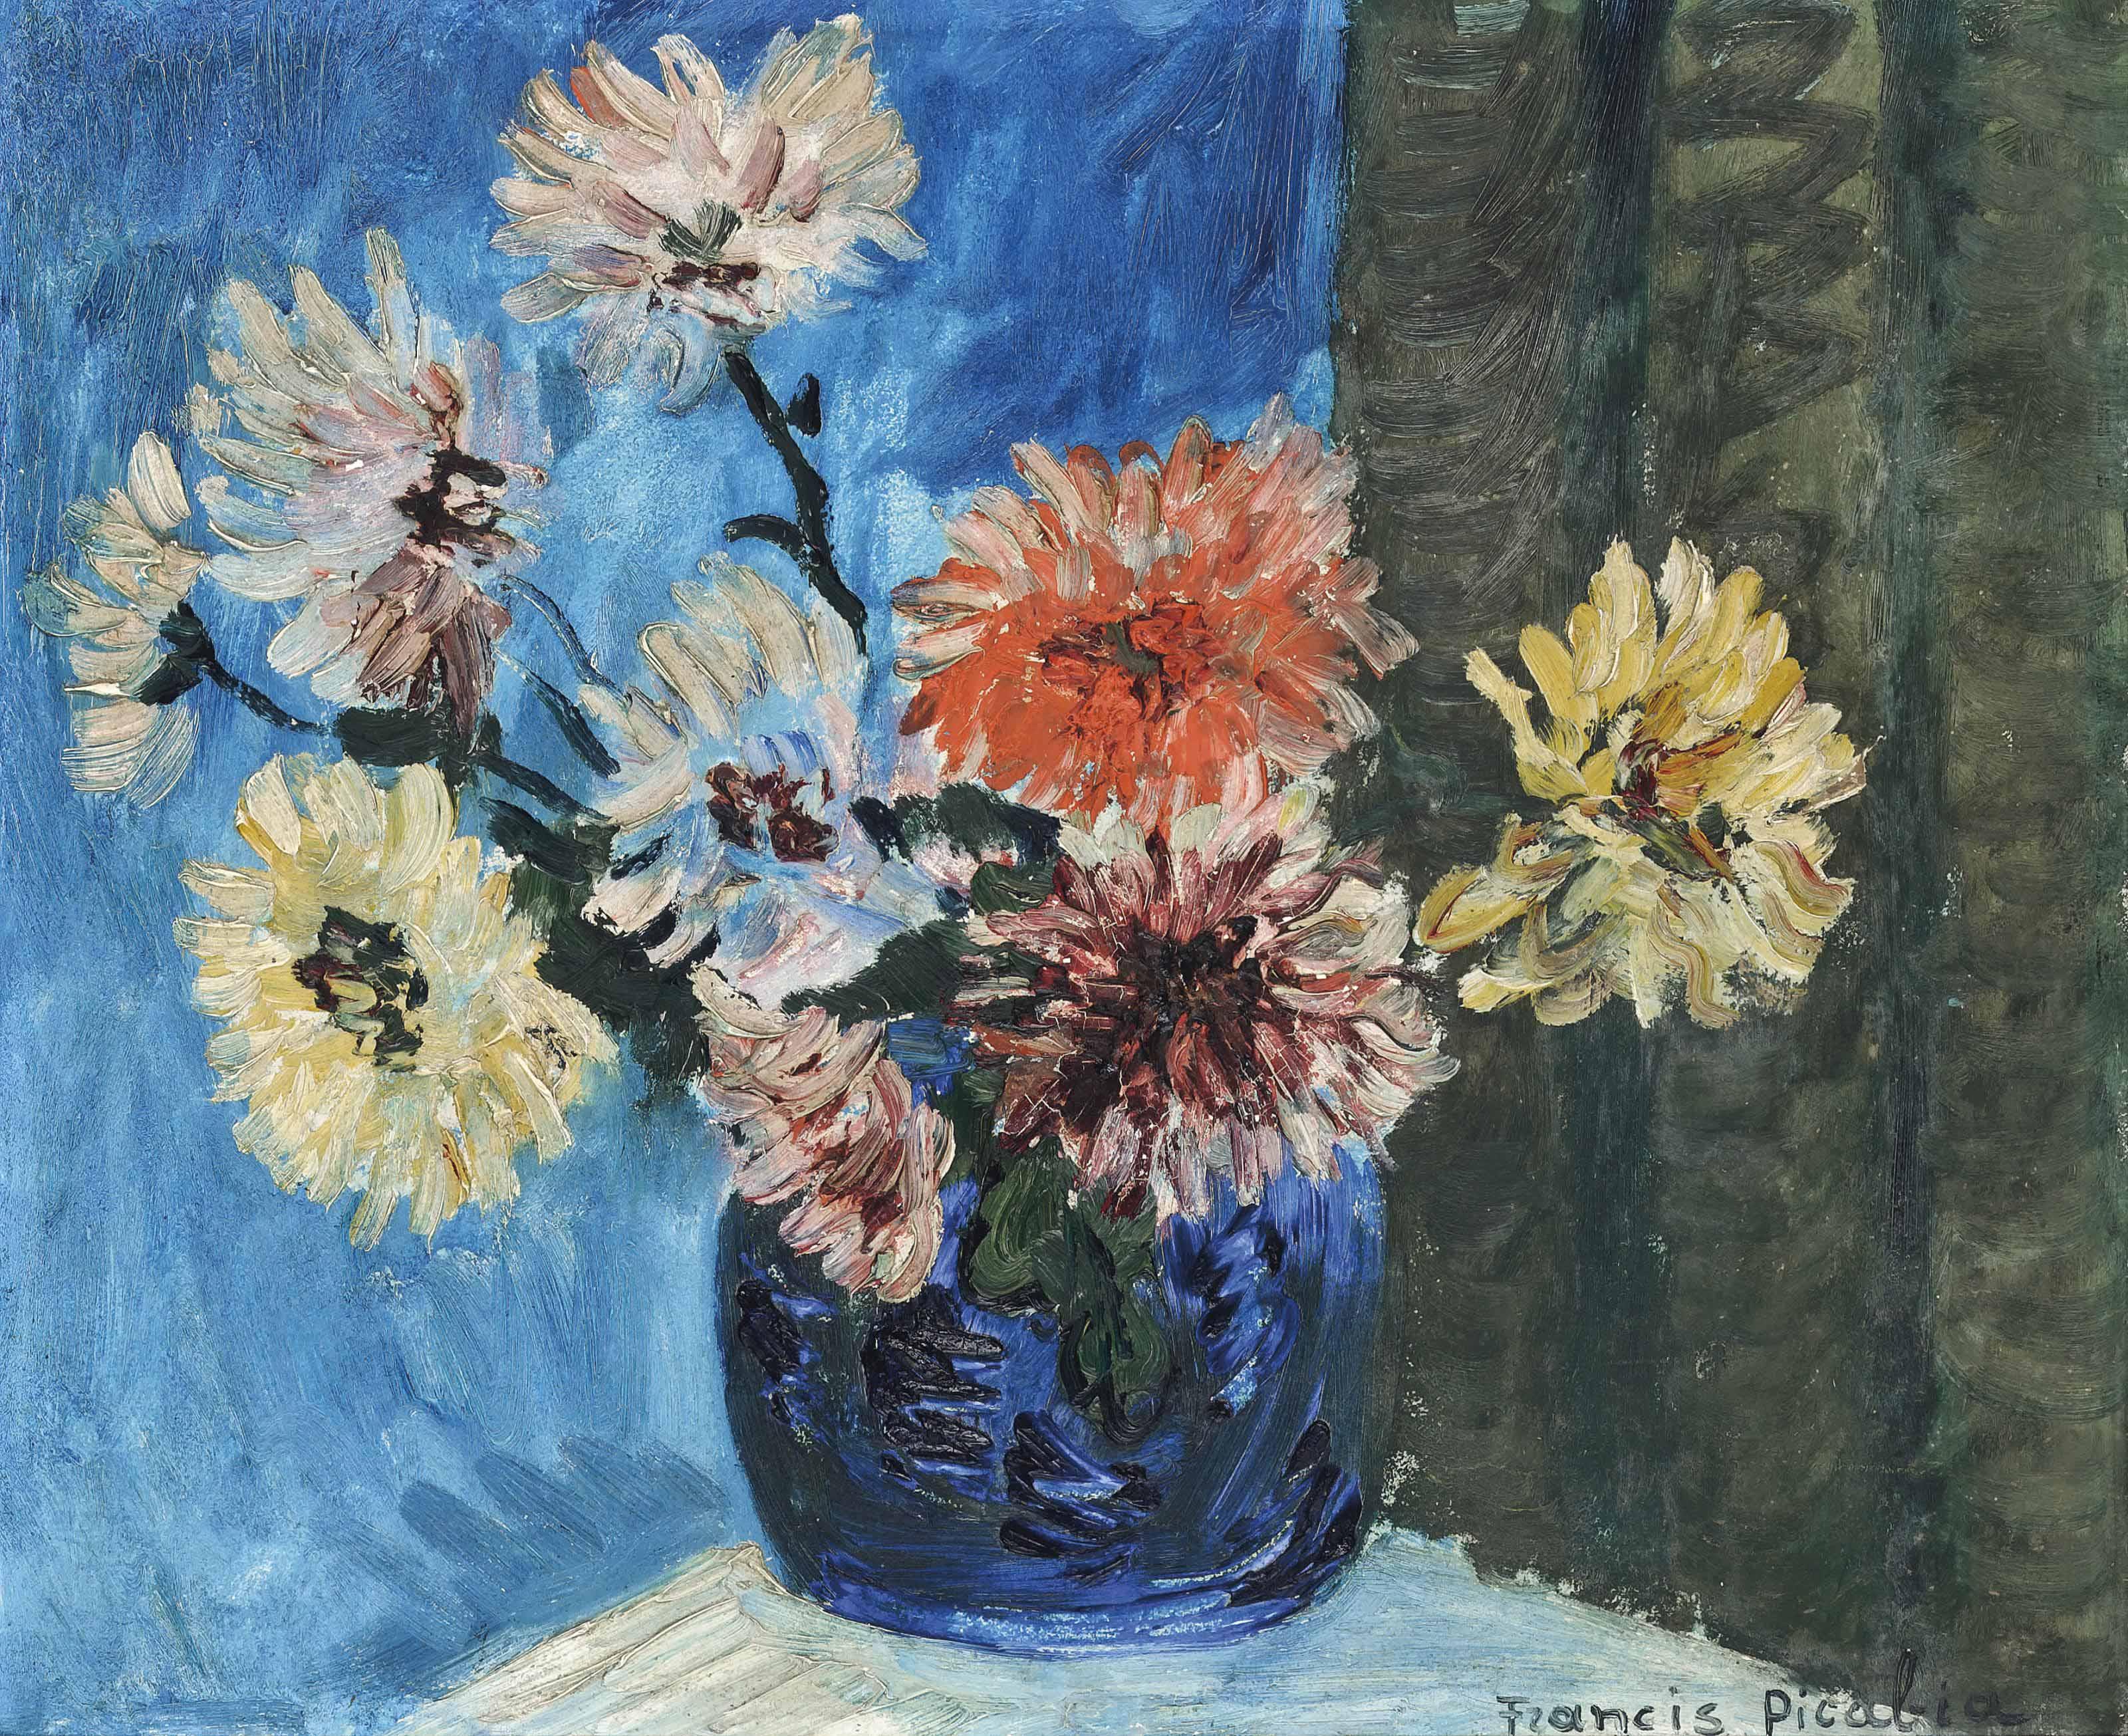 Francis picabia 1879 1953 bouquet de fleurs christie 39 s for Bouquet de fleurs 2017